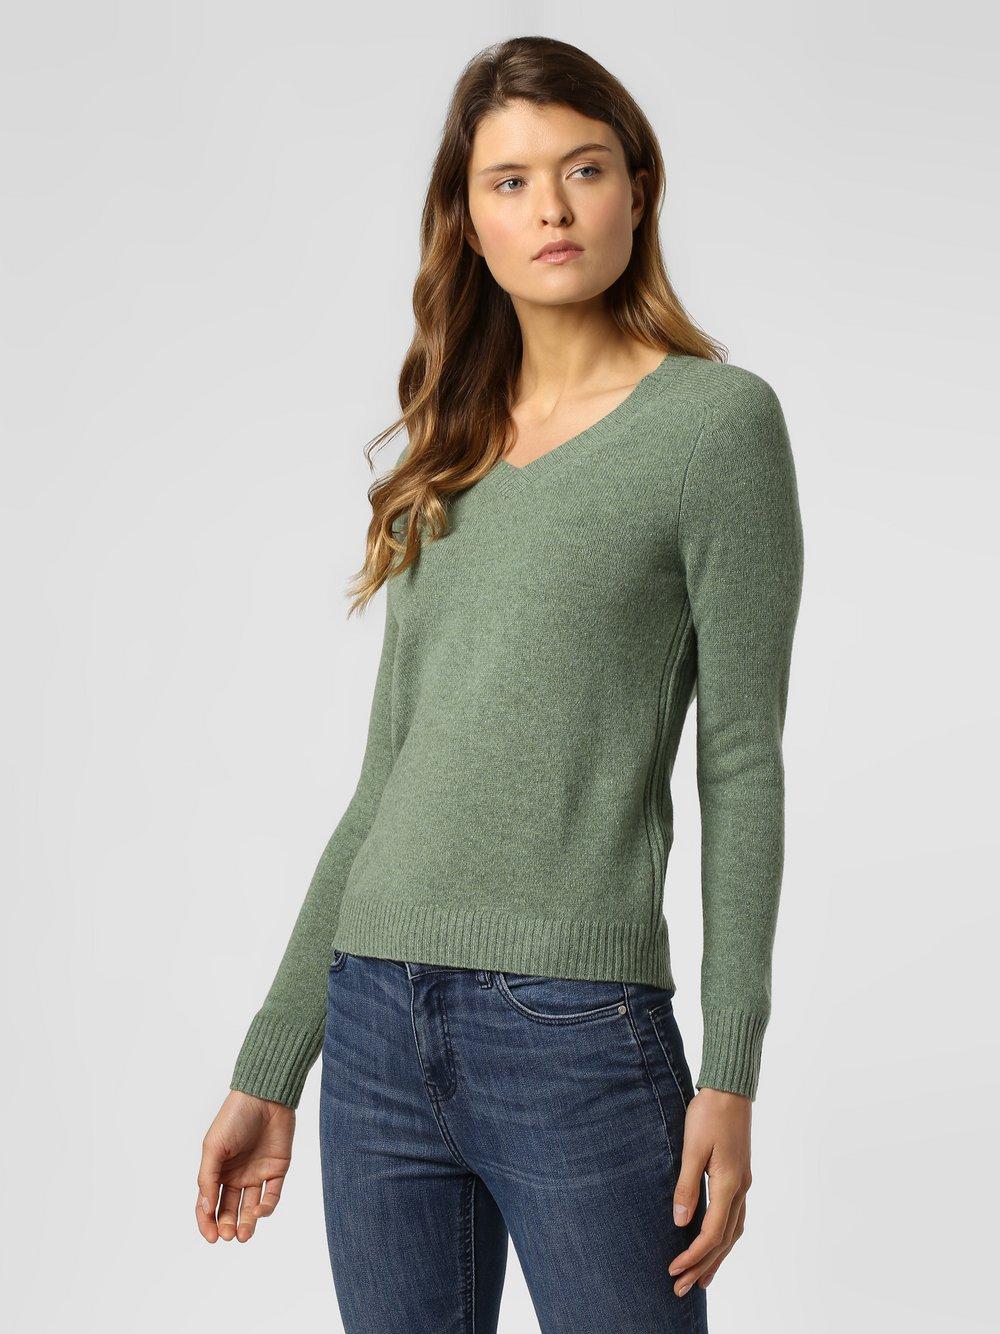 Franco Callegari - Damski sweter z wełny merino, zielony